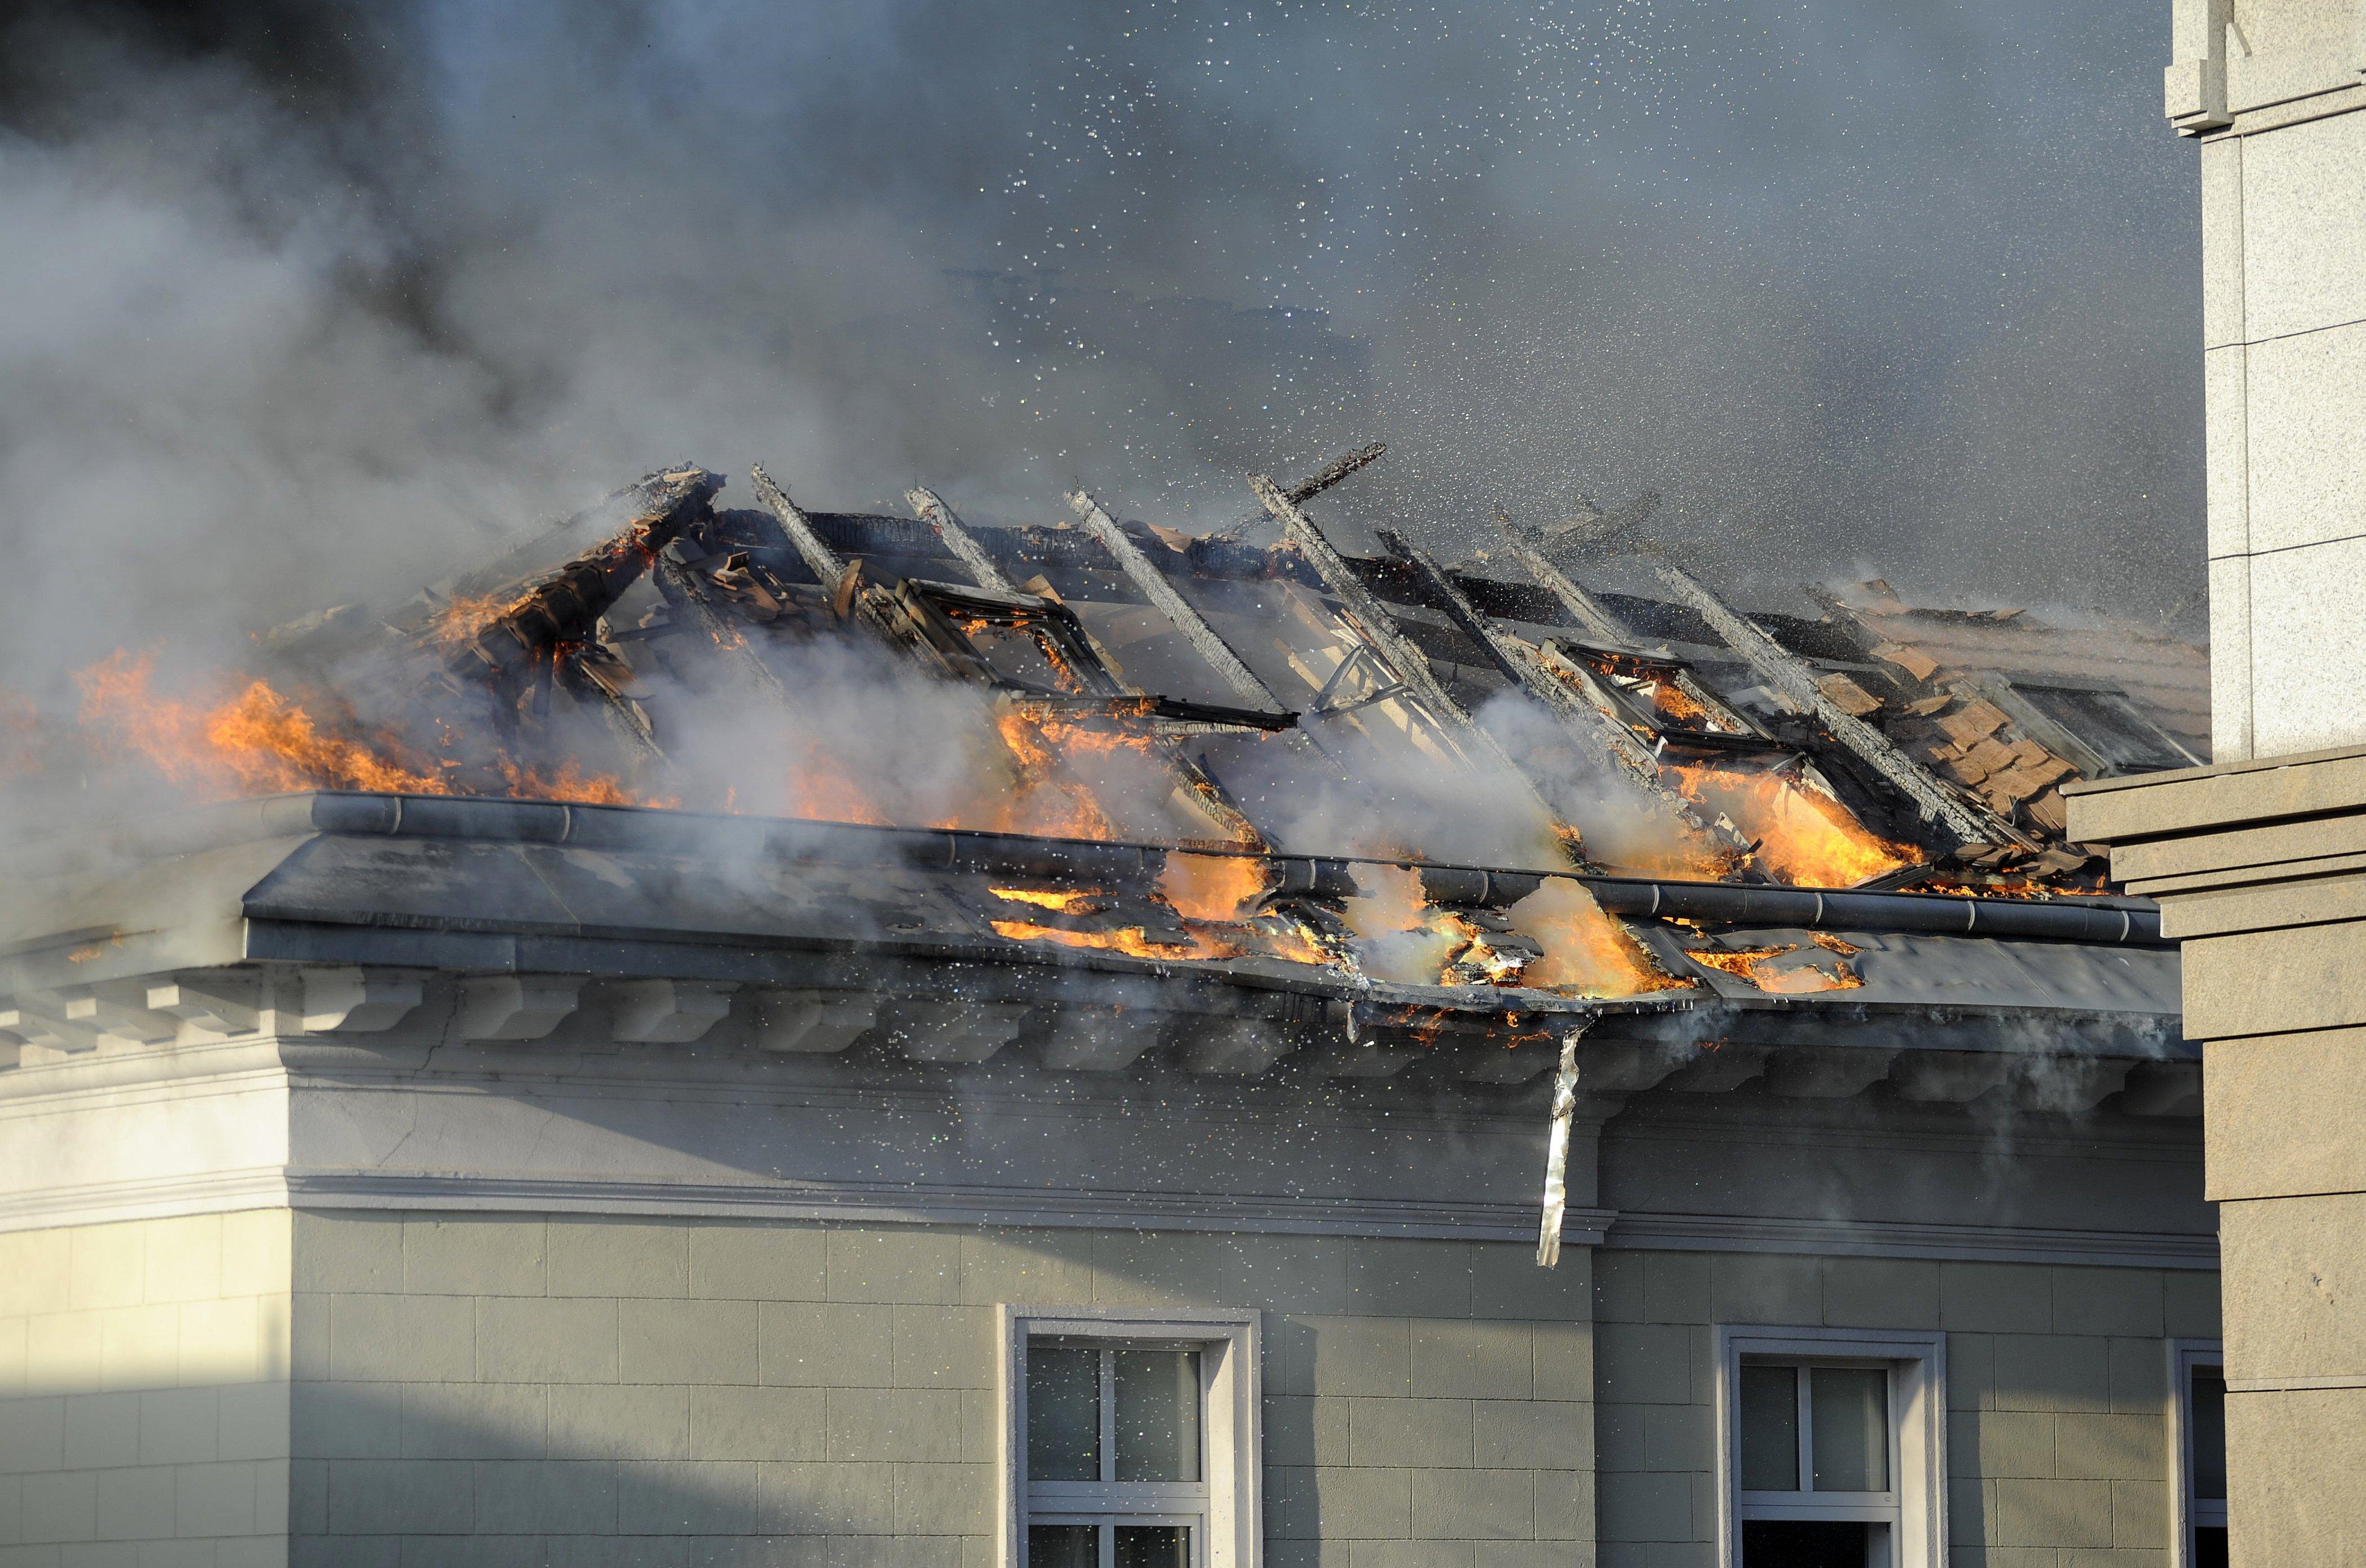 Egy szagelszívó lehetett a tűz forrása, ami miatt leégett a DK központja is